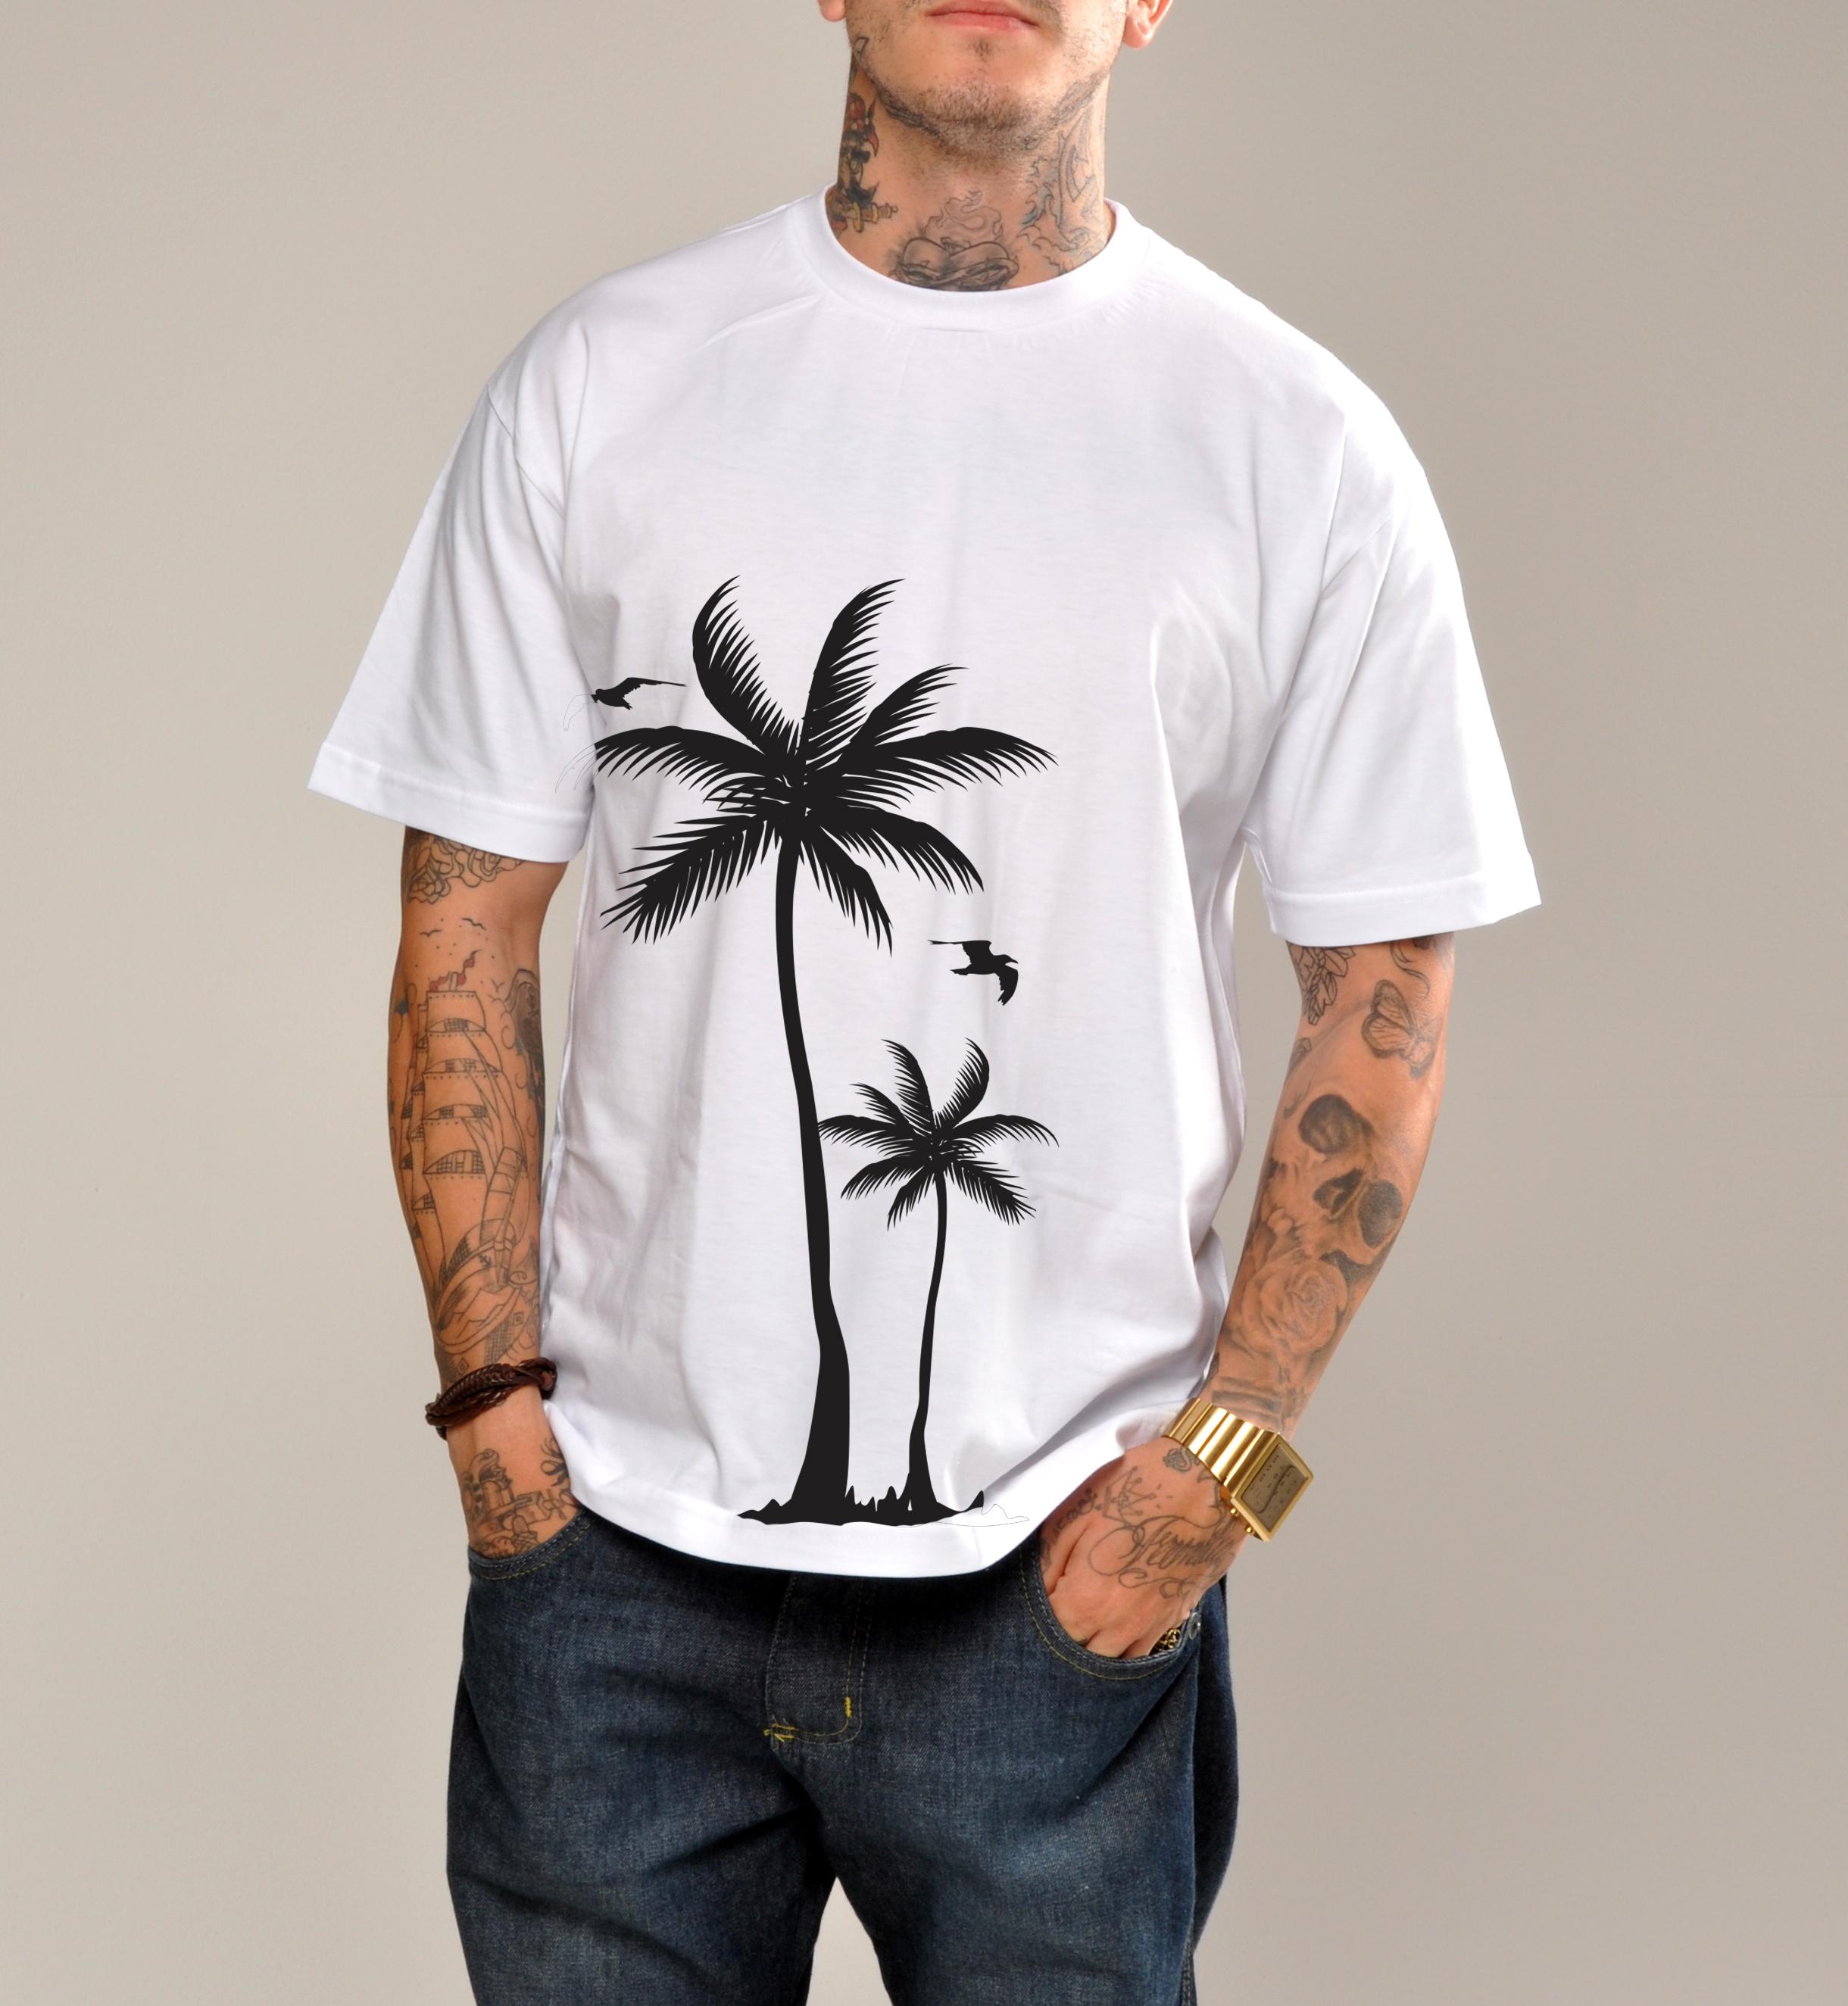 Design Of camiseta com coqueiros e preço